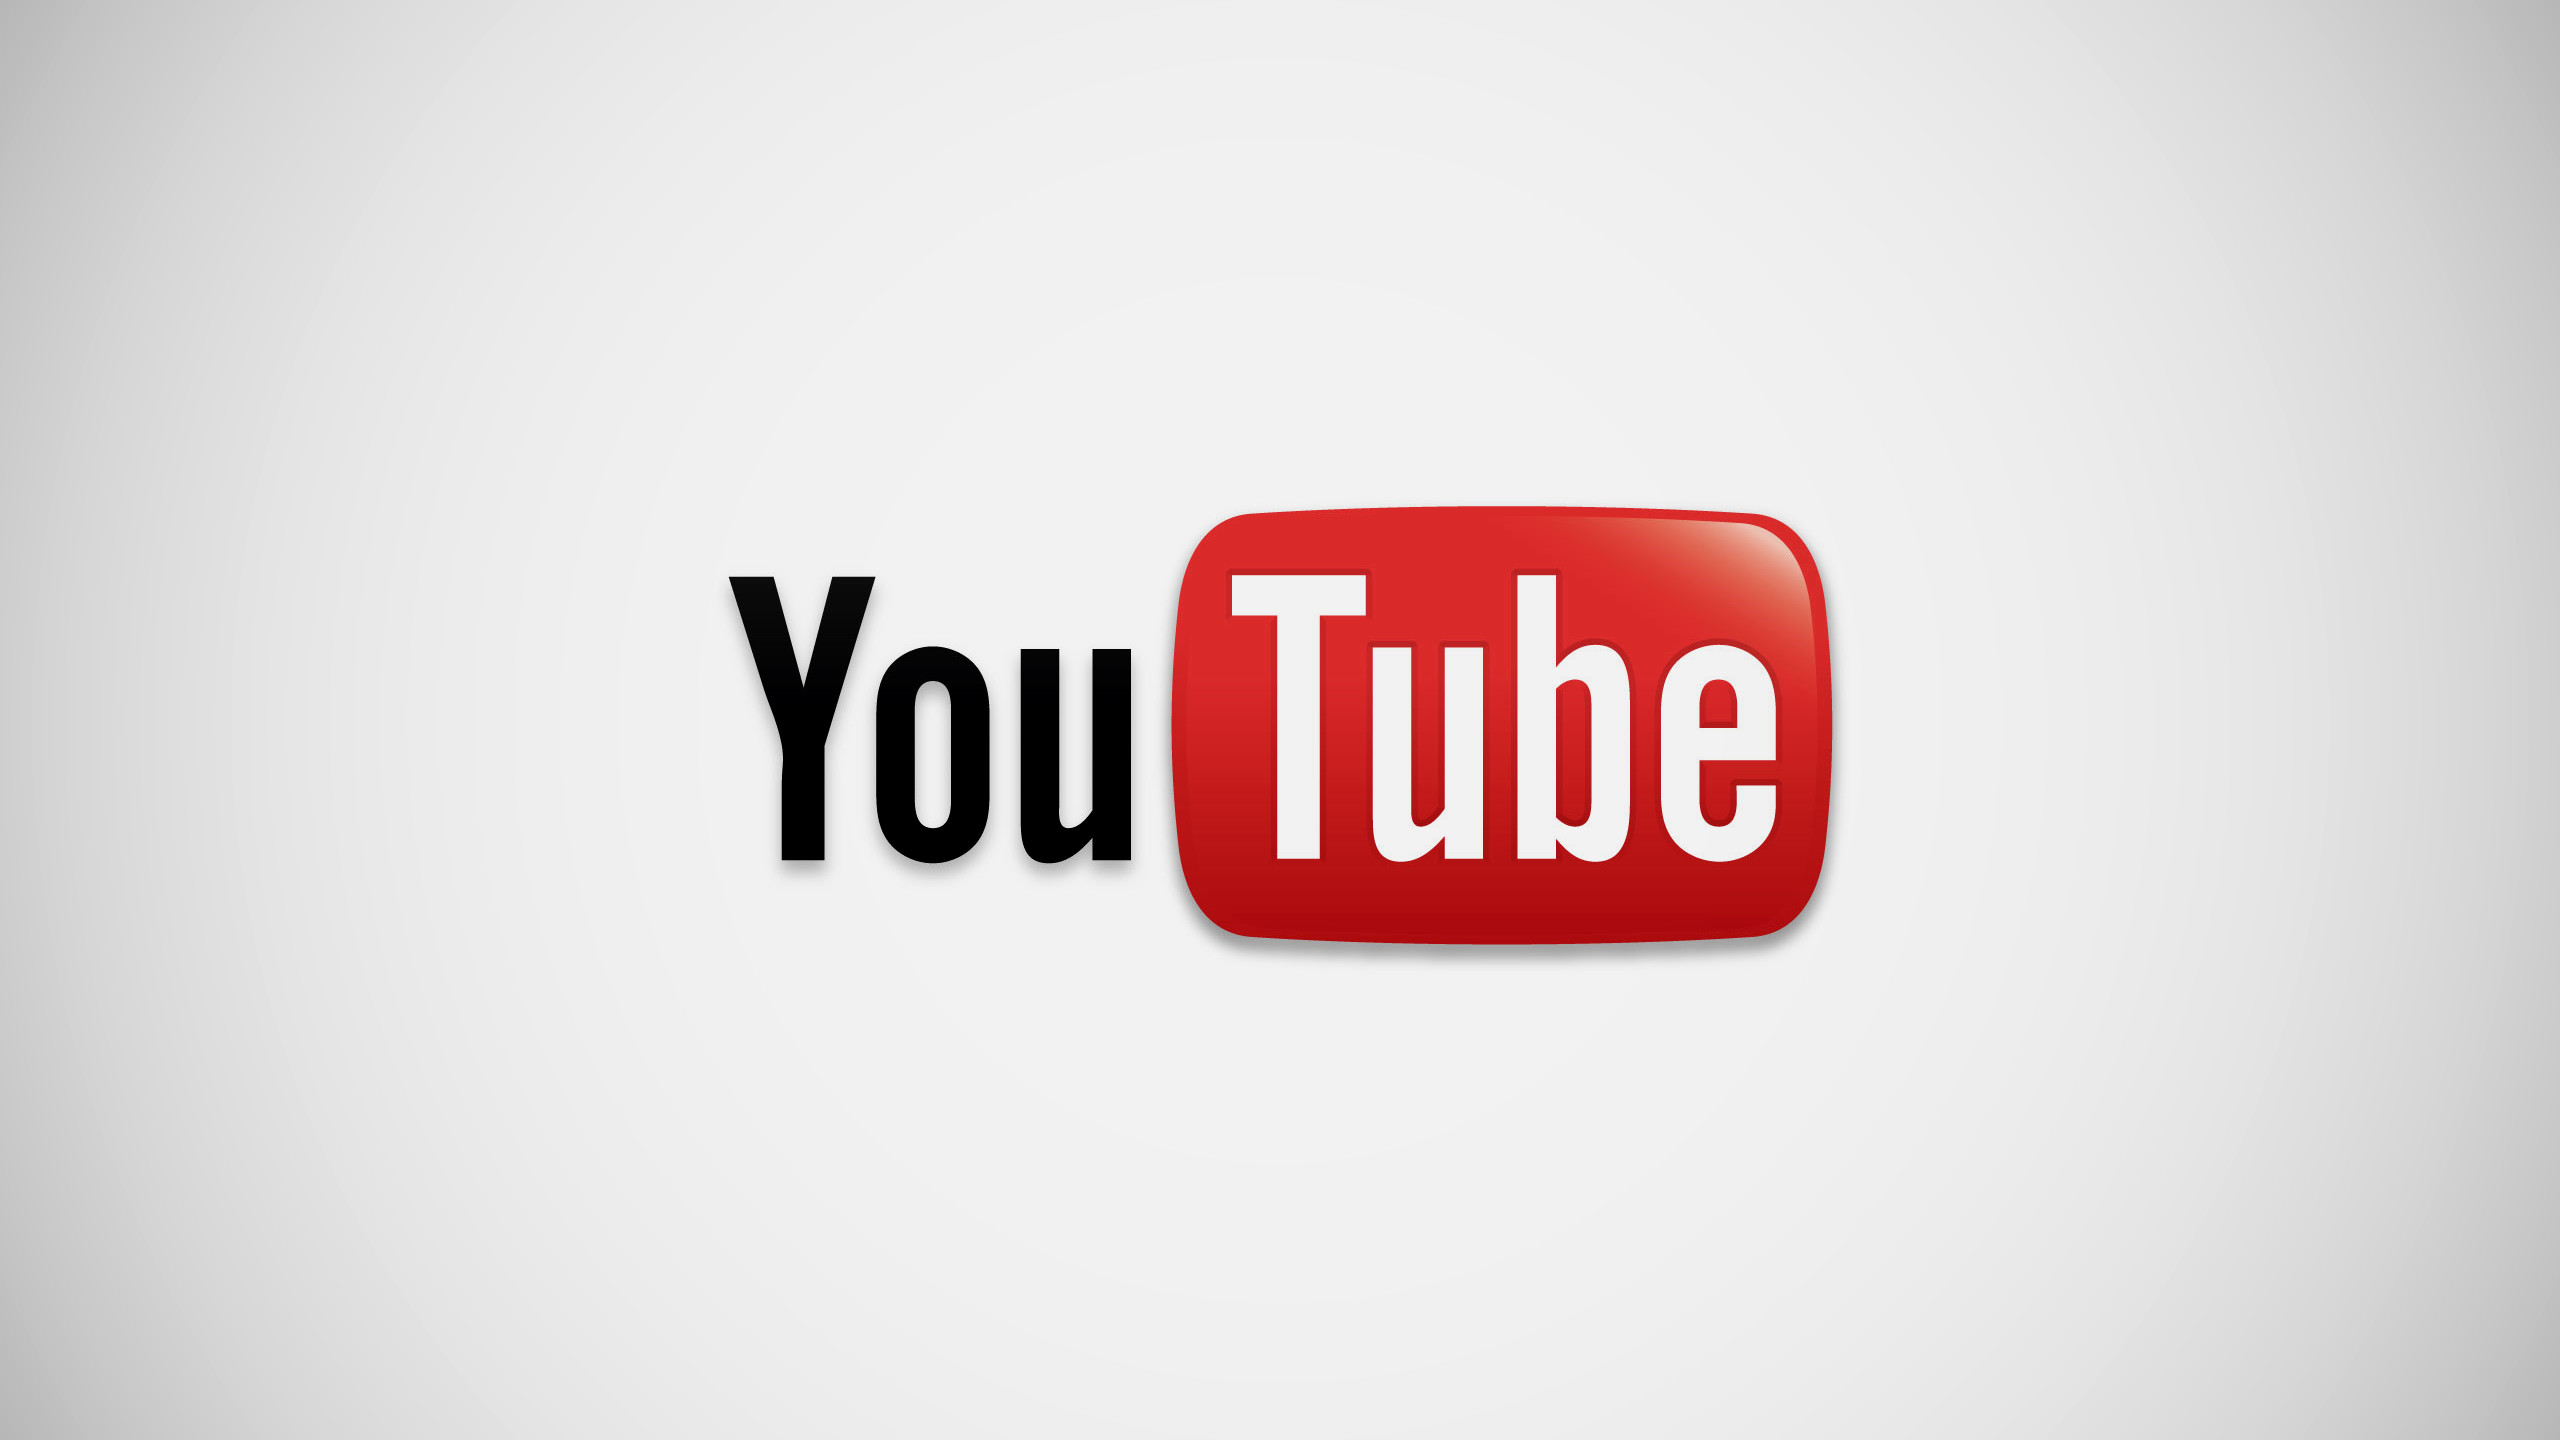 Wallpaper for YouTube